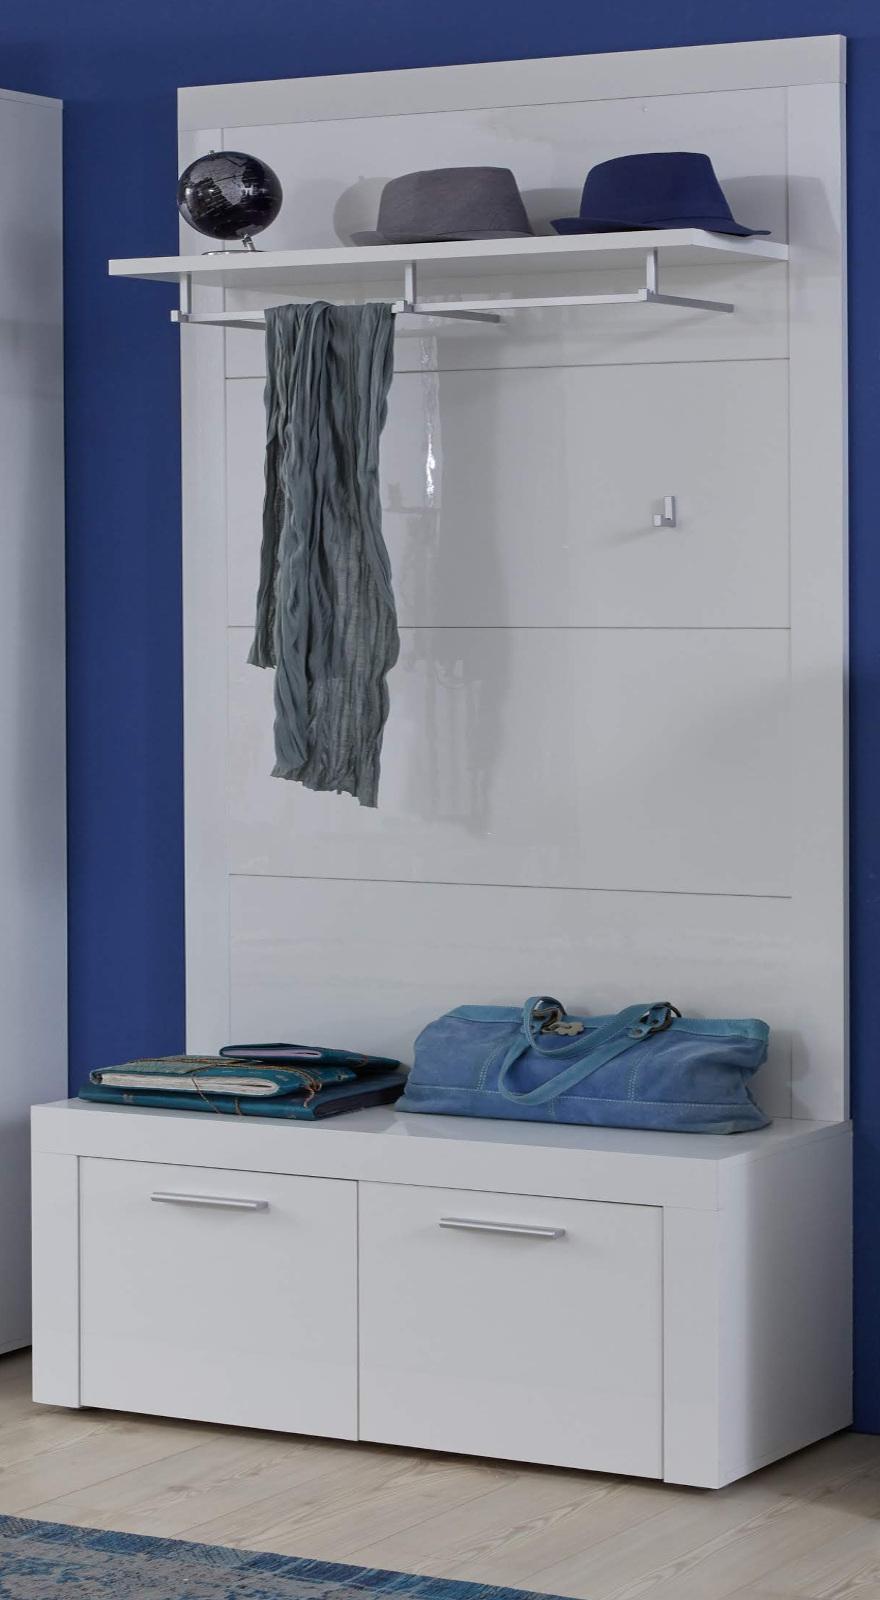 garderobenpaneel kito in hochglanz wei. Black Bedroom Furniture Sets. Home Design Ideas